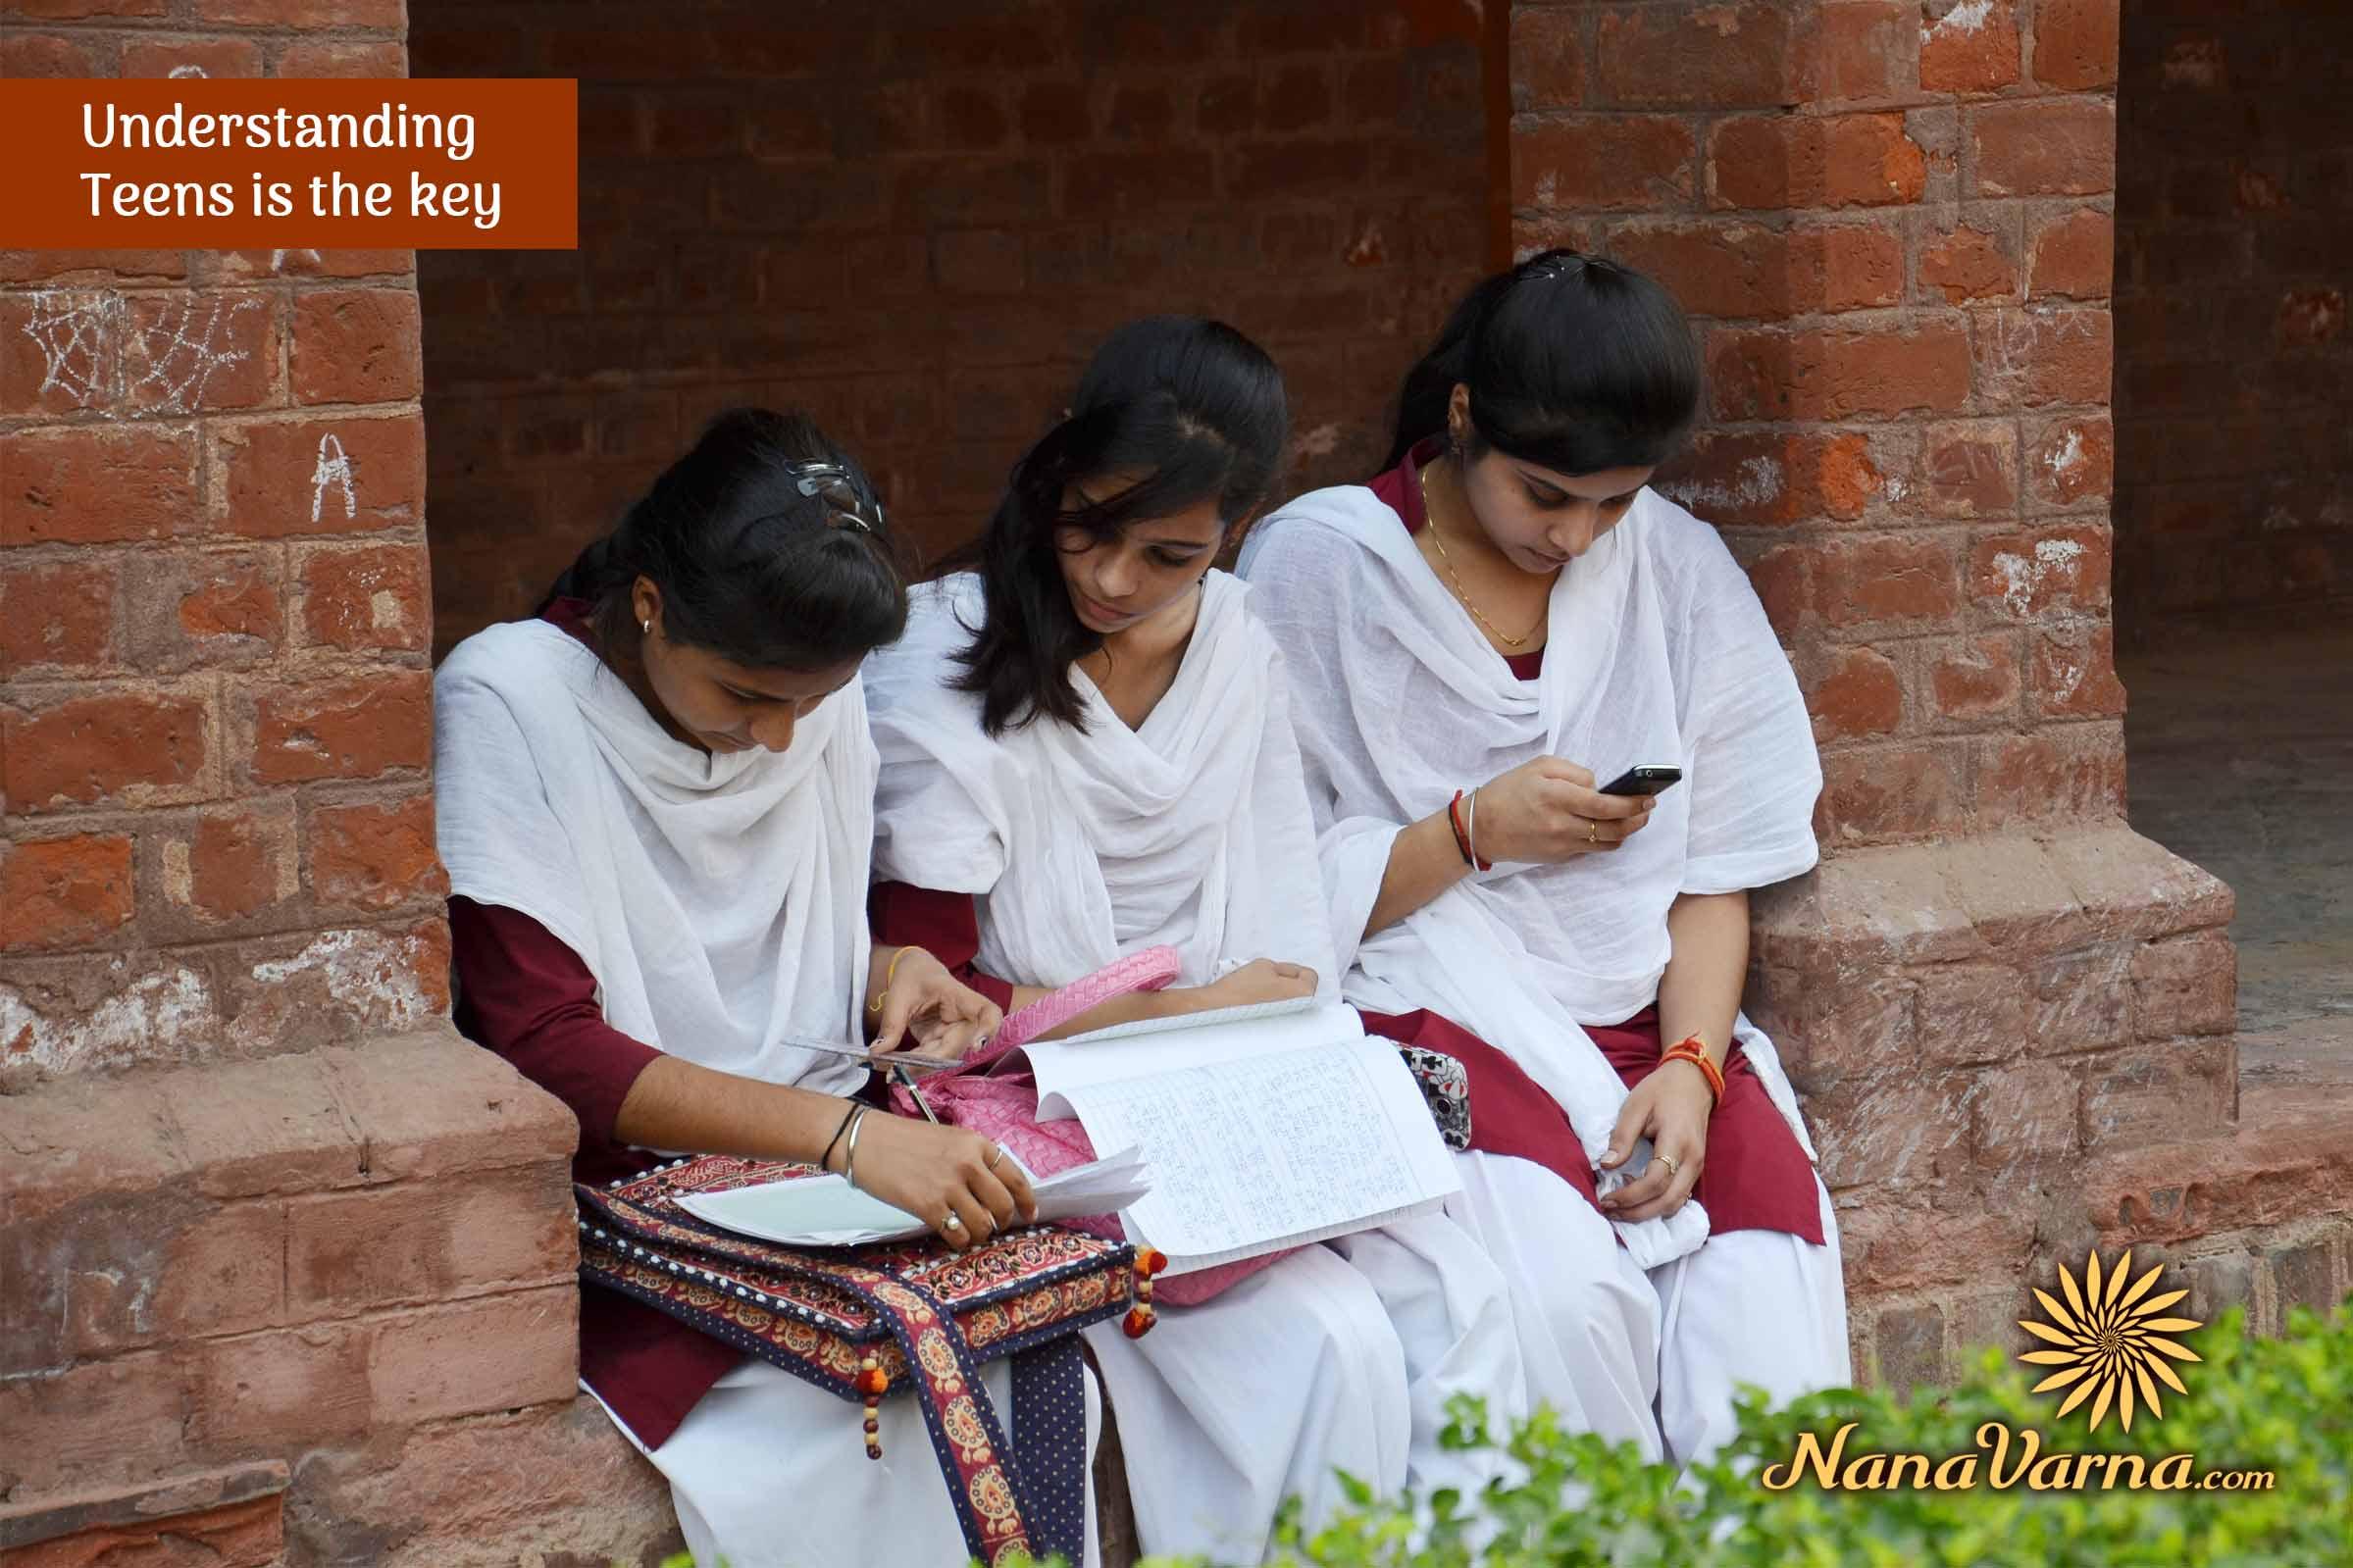 understanding-teens-nanavarna